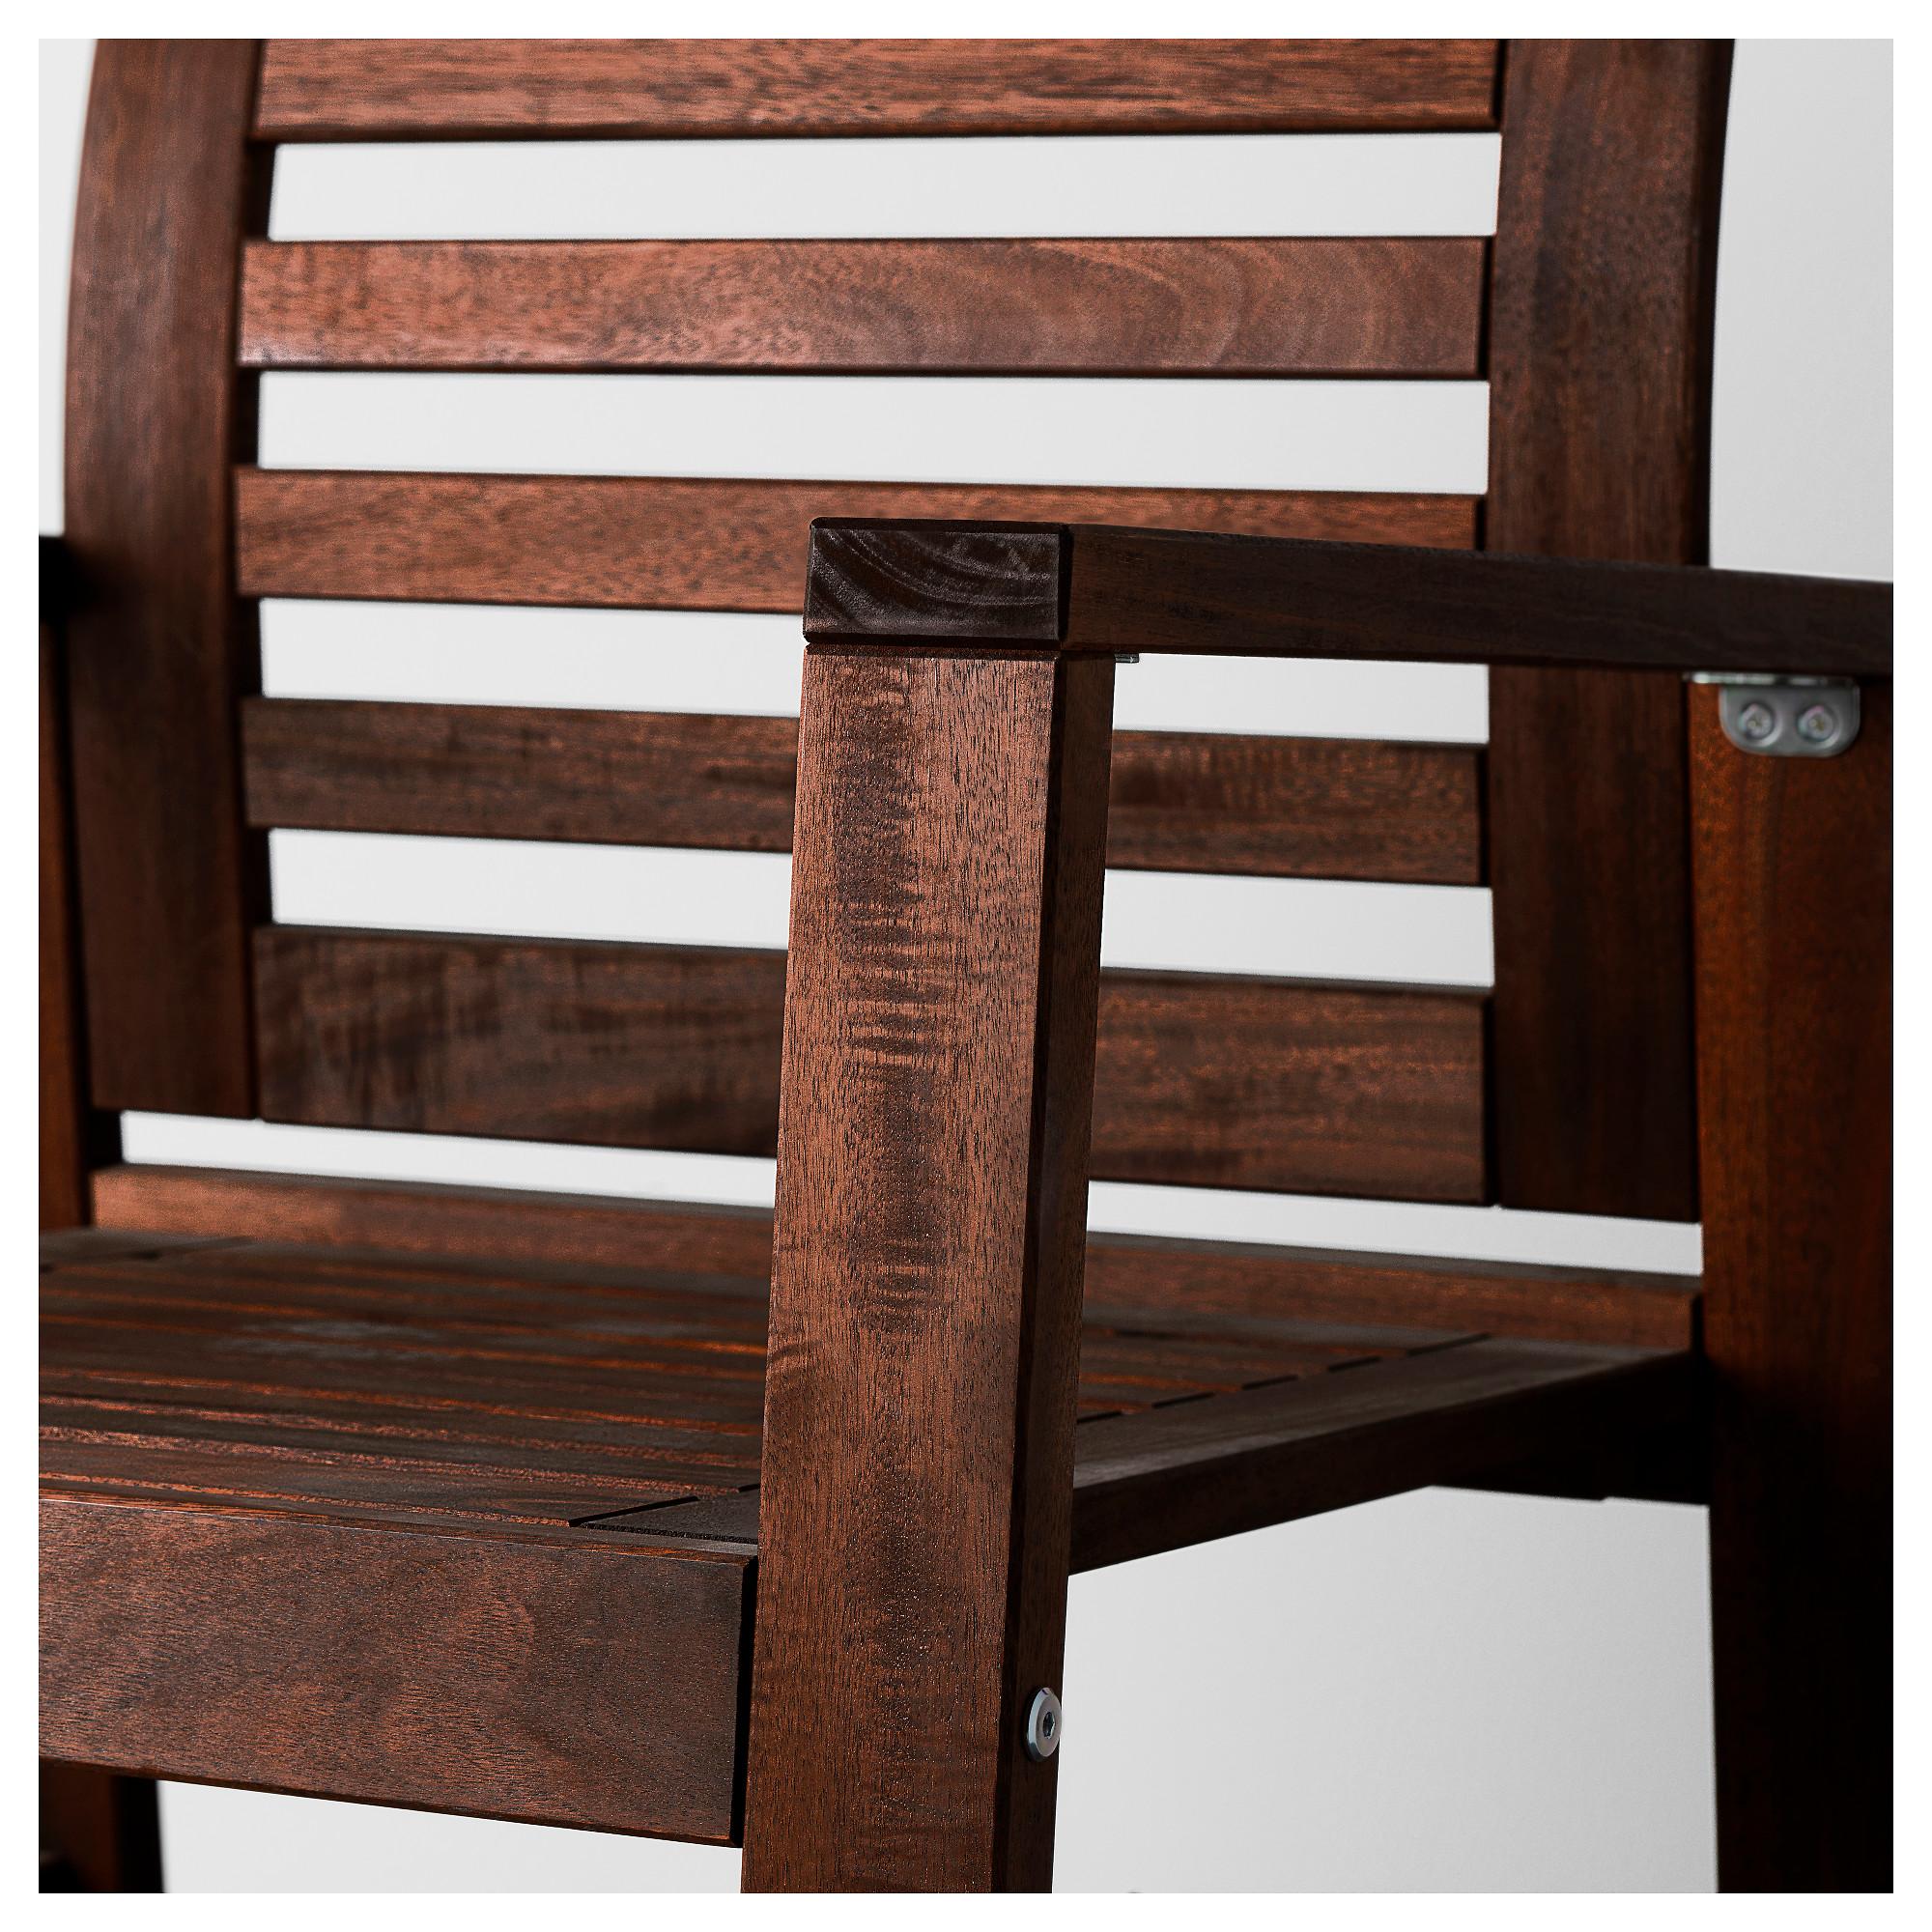 Стол + 6 кресел + скамья для сада ЭПЛАРО артикуль № 392.289.50 в наличии. Интернет сайт IKEA РБ. Быстрая доставка и установка.